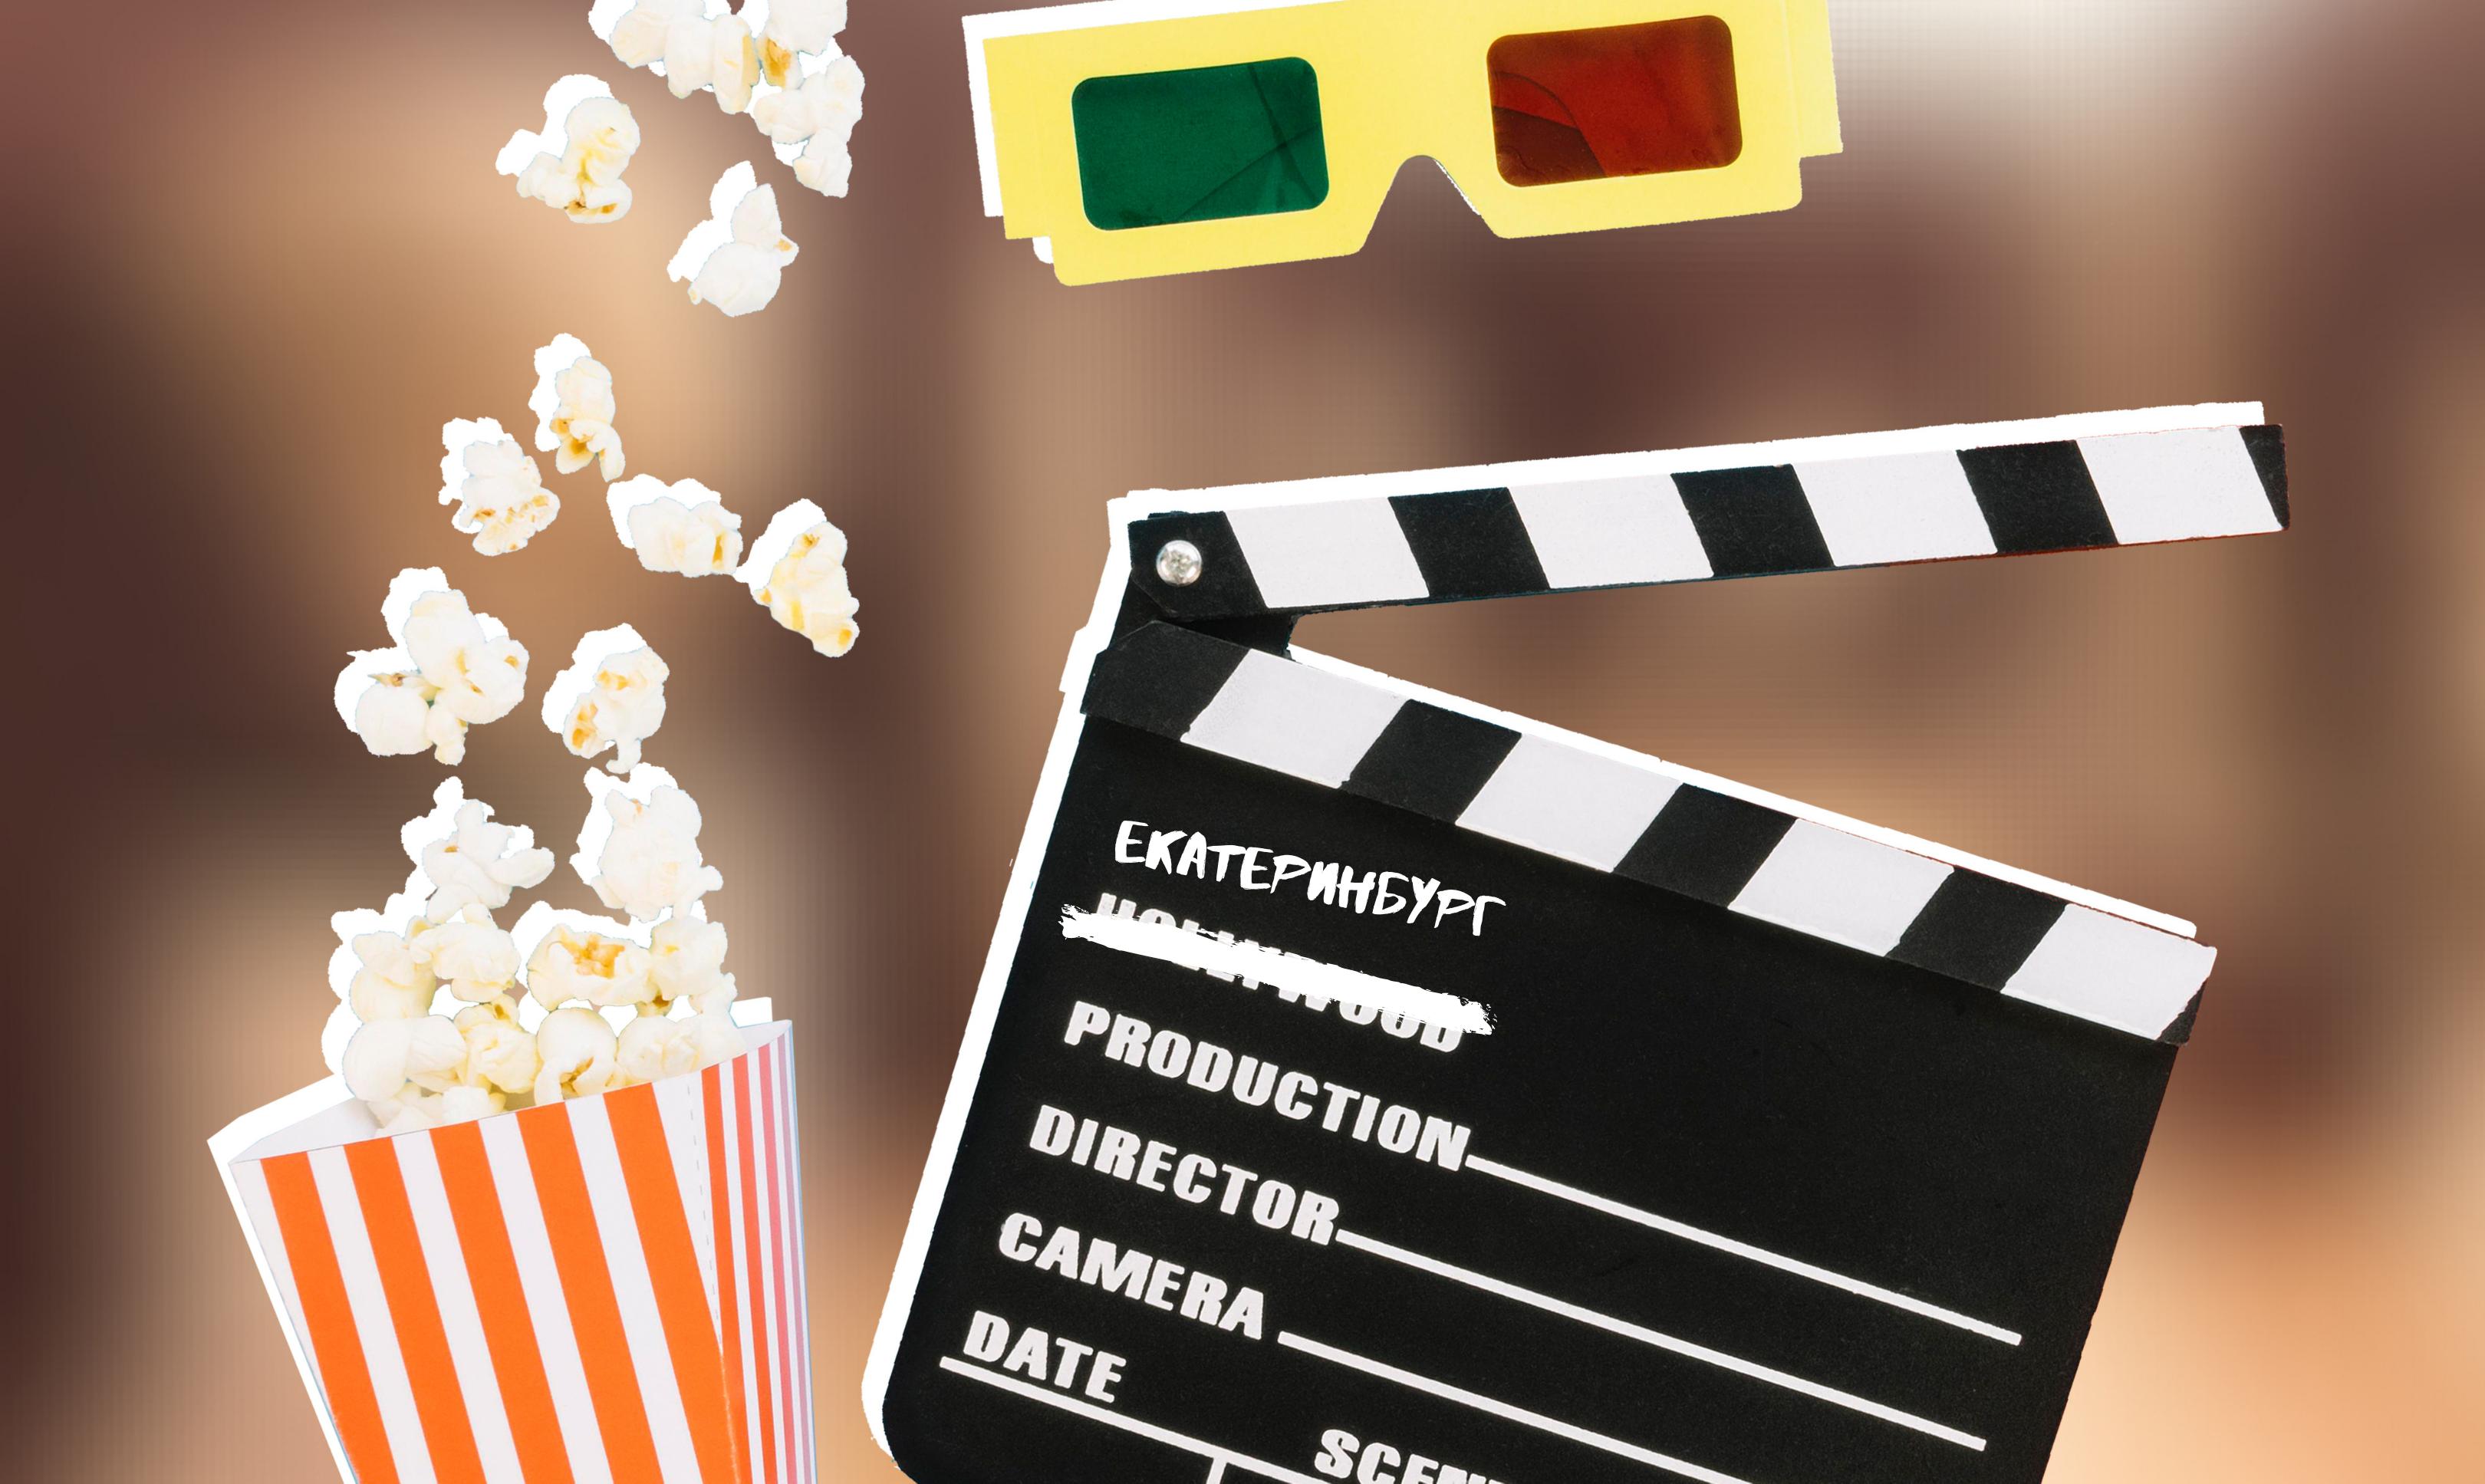 Фестиваль «Кинопроба» в Екатеринбурге: открыт прием заявок